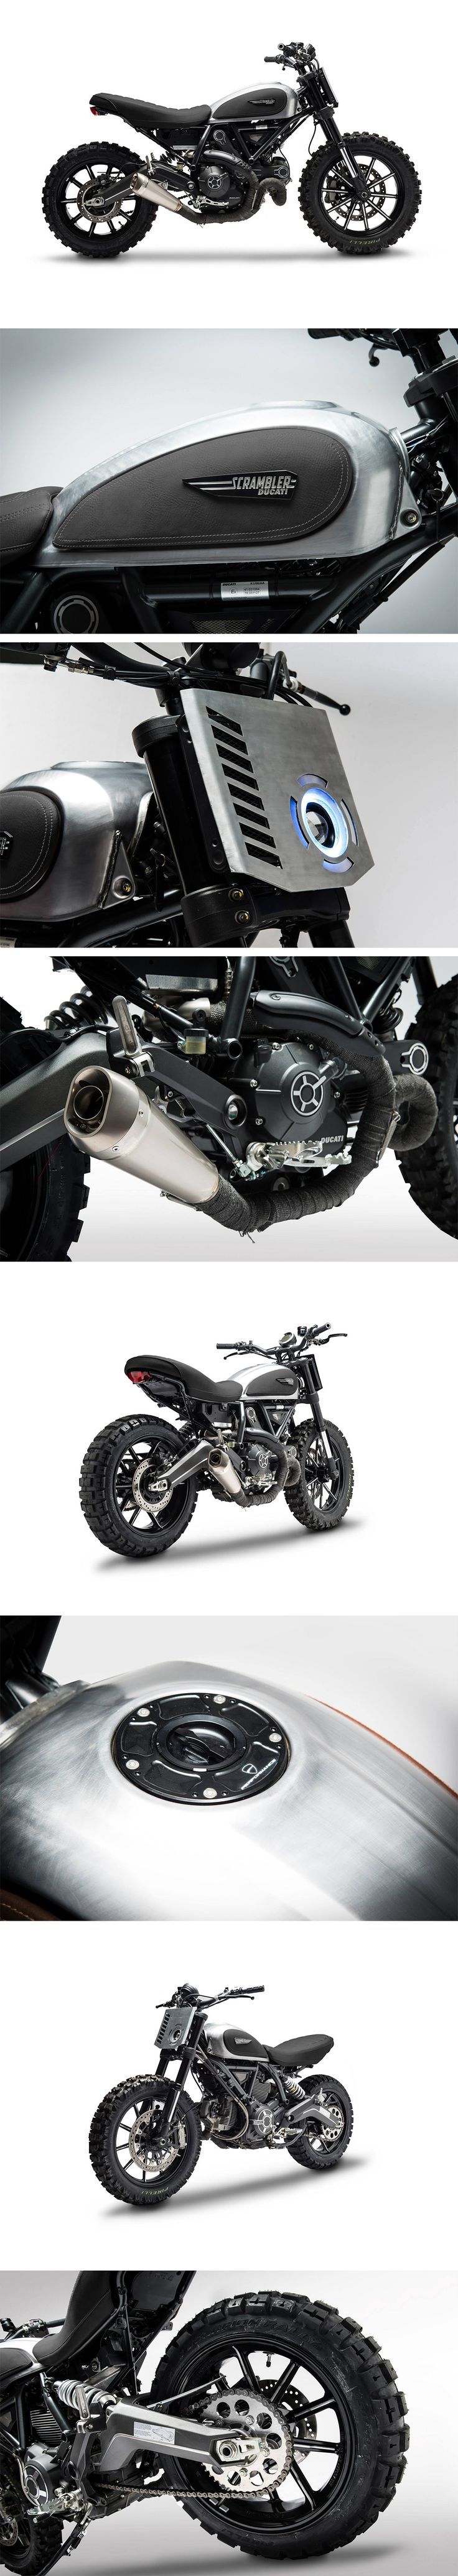 Ducati Scrambler Dirt Tracker by Gessato